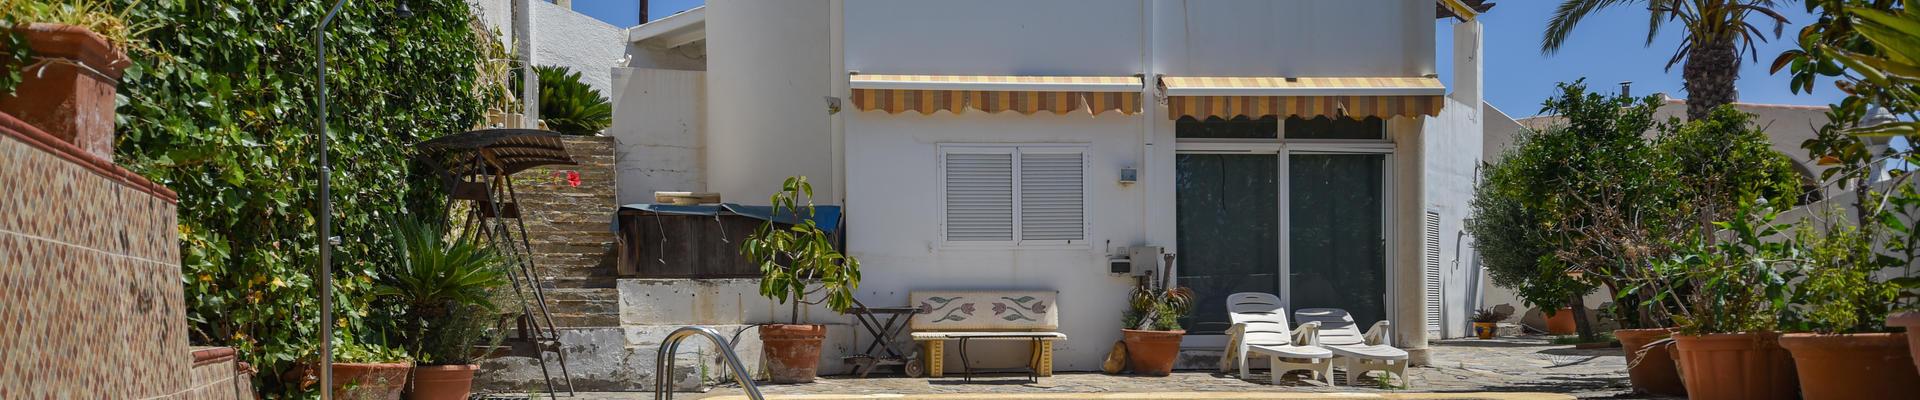 DV1397: 3 Bedroom Villa for Sale